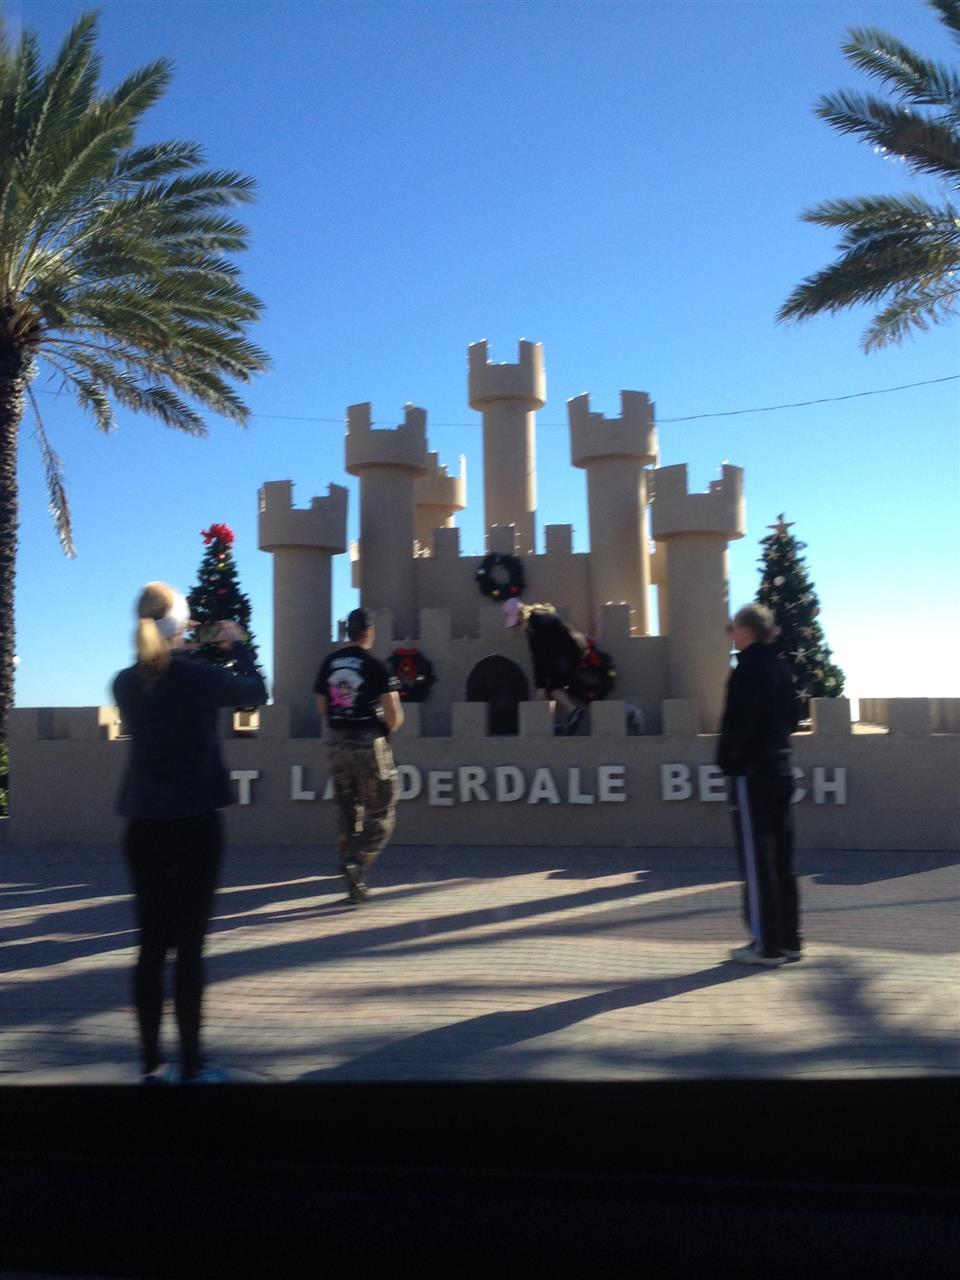 Fort Lauderdale Sand Castle